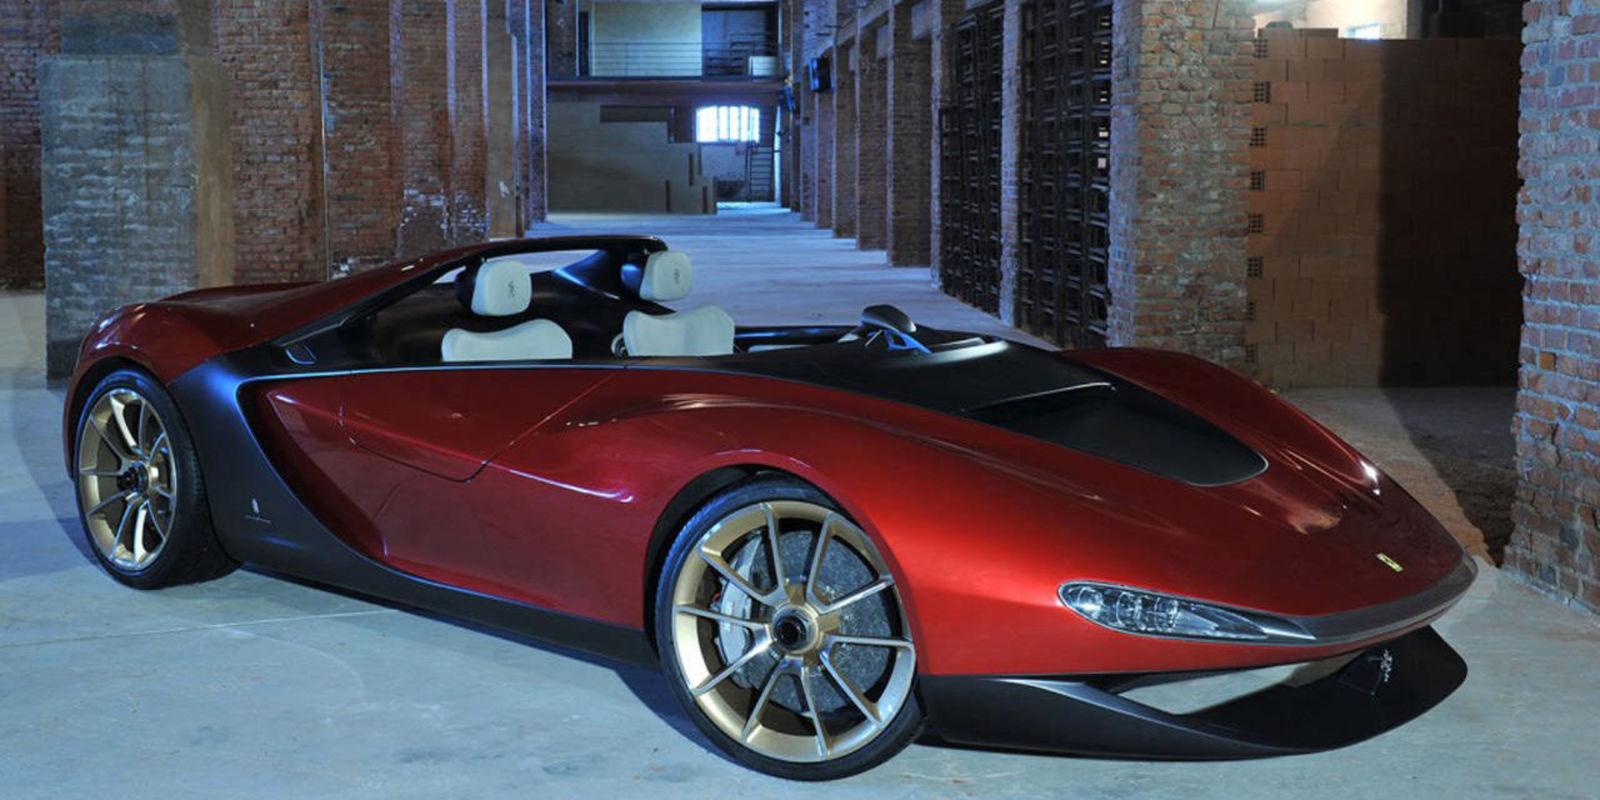 2017 Ferrari 458 Price >> Hyper-exclusive Ferrari Sergio confirmed, six-car run sold out